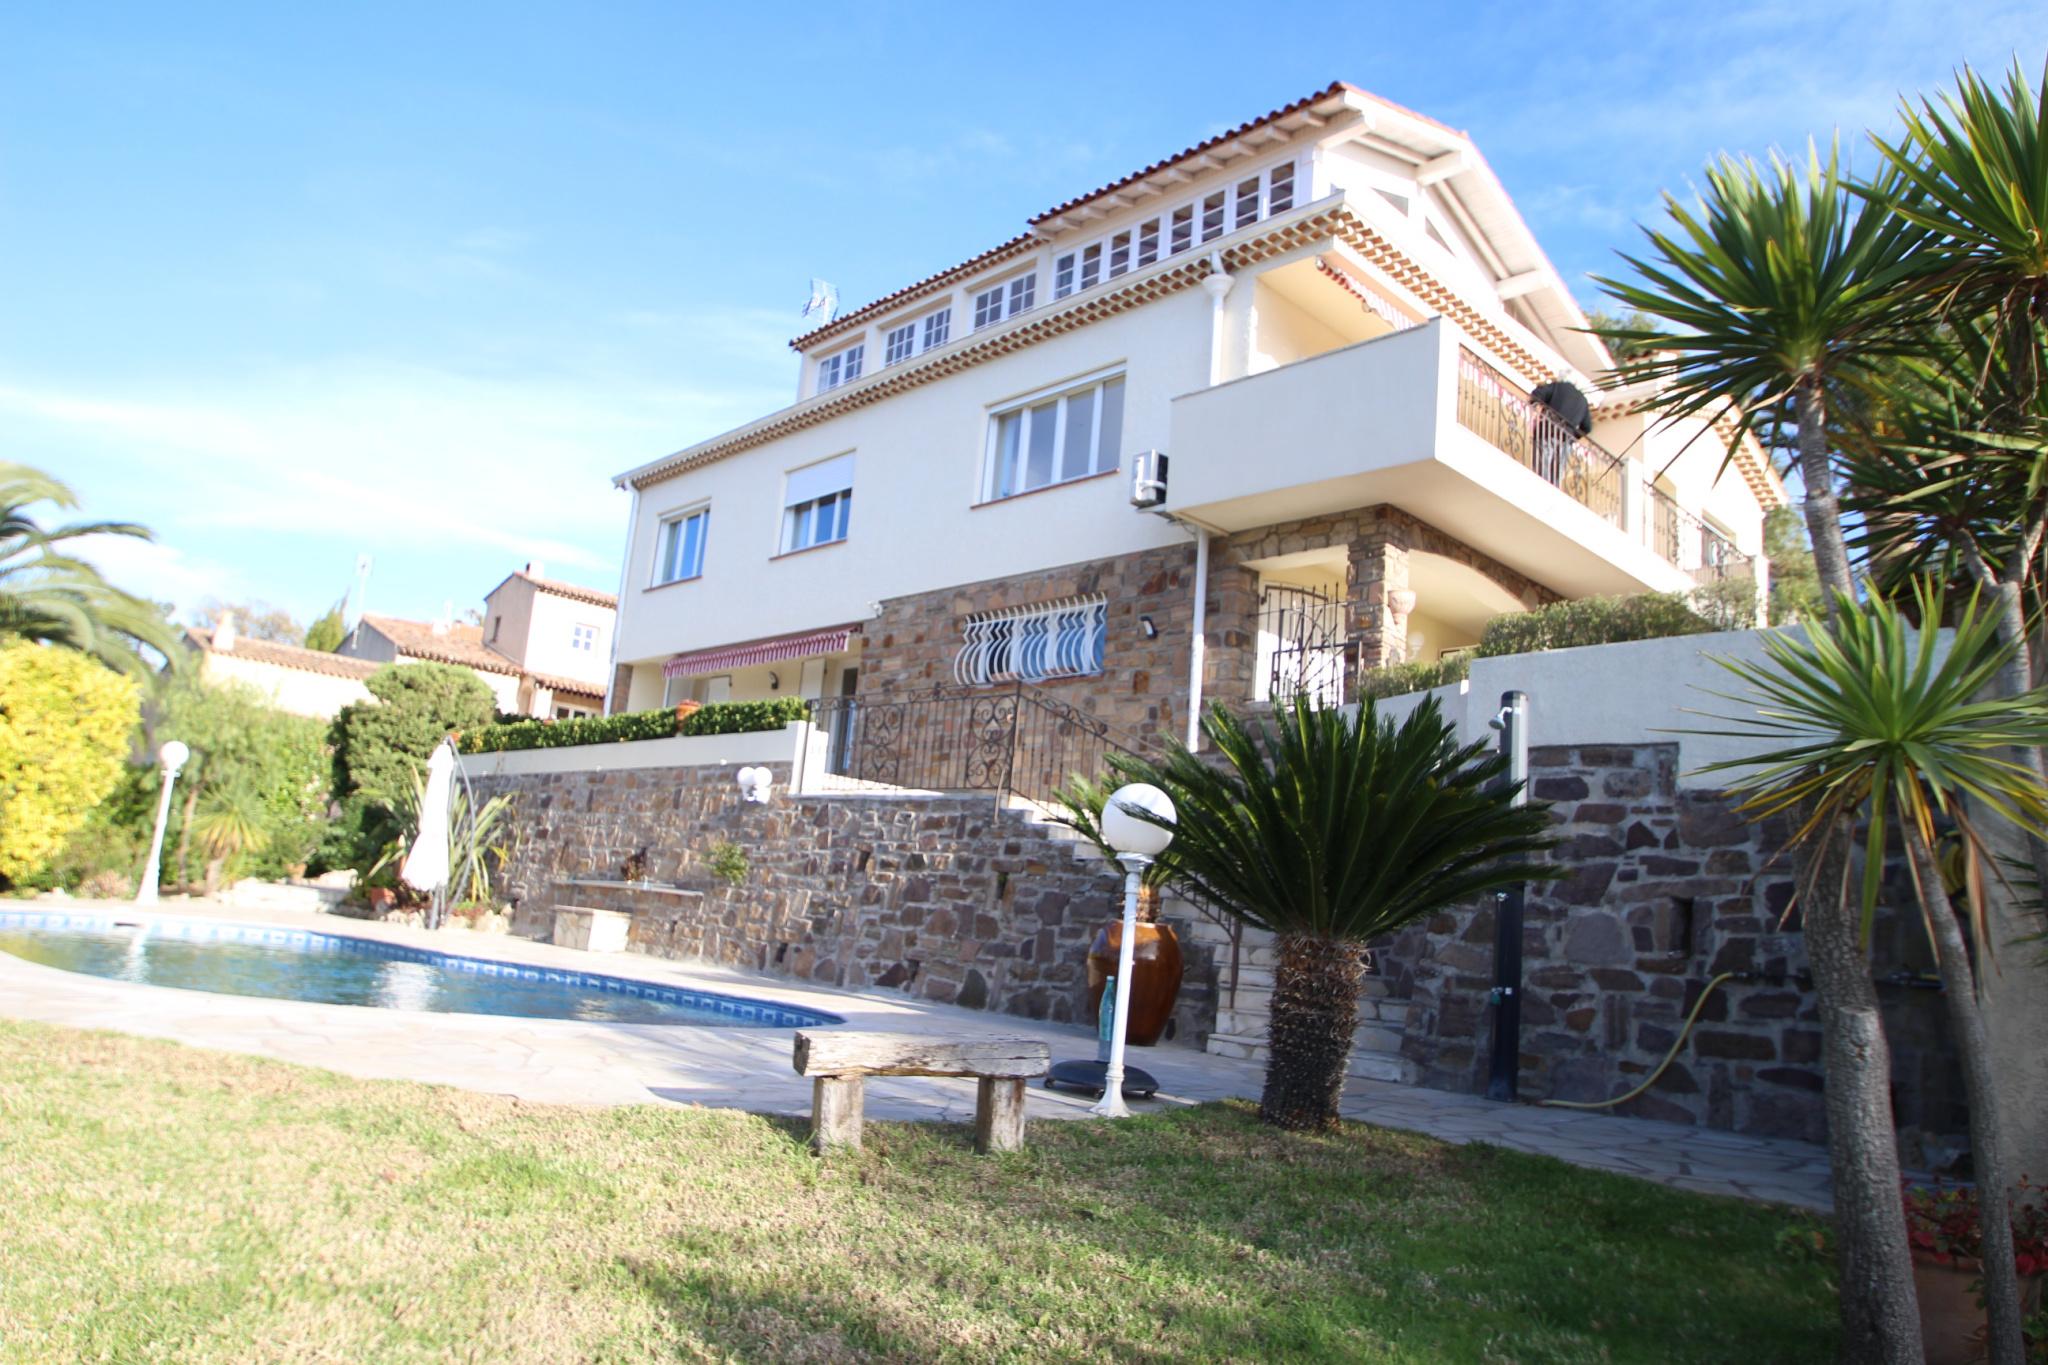 Vente villa traditionnelle 190m for Villa traditionnelle